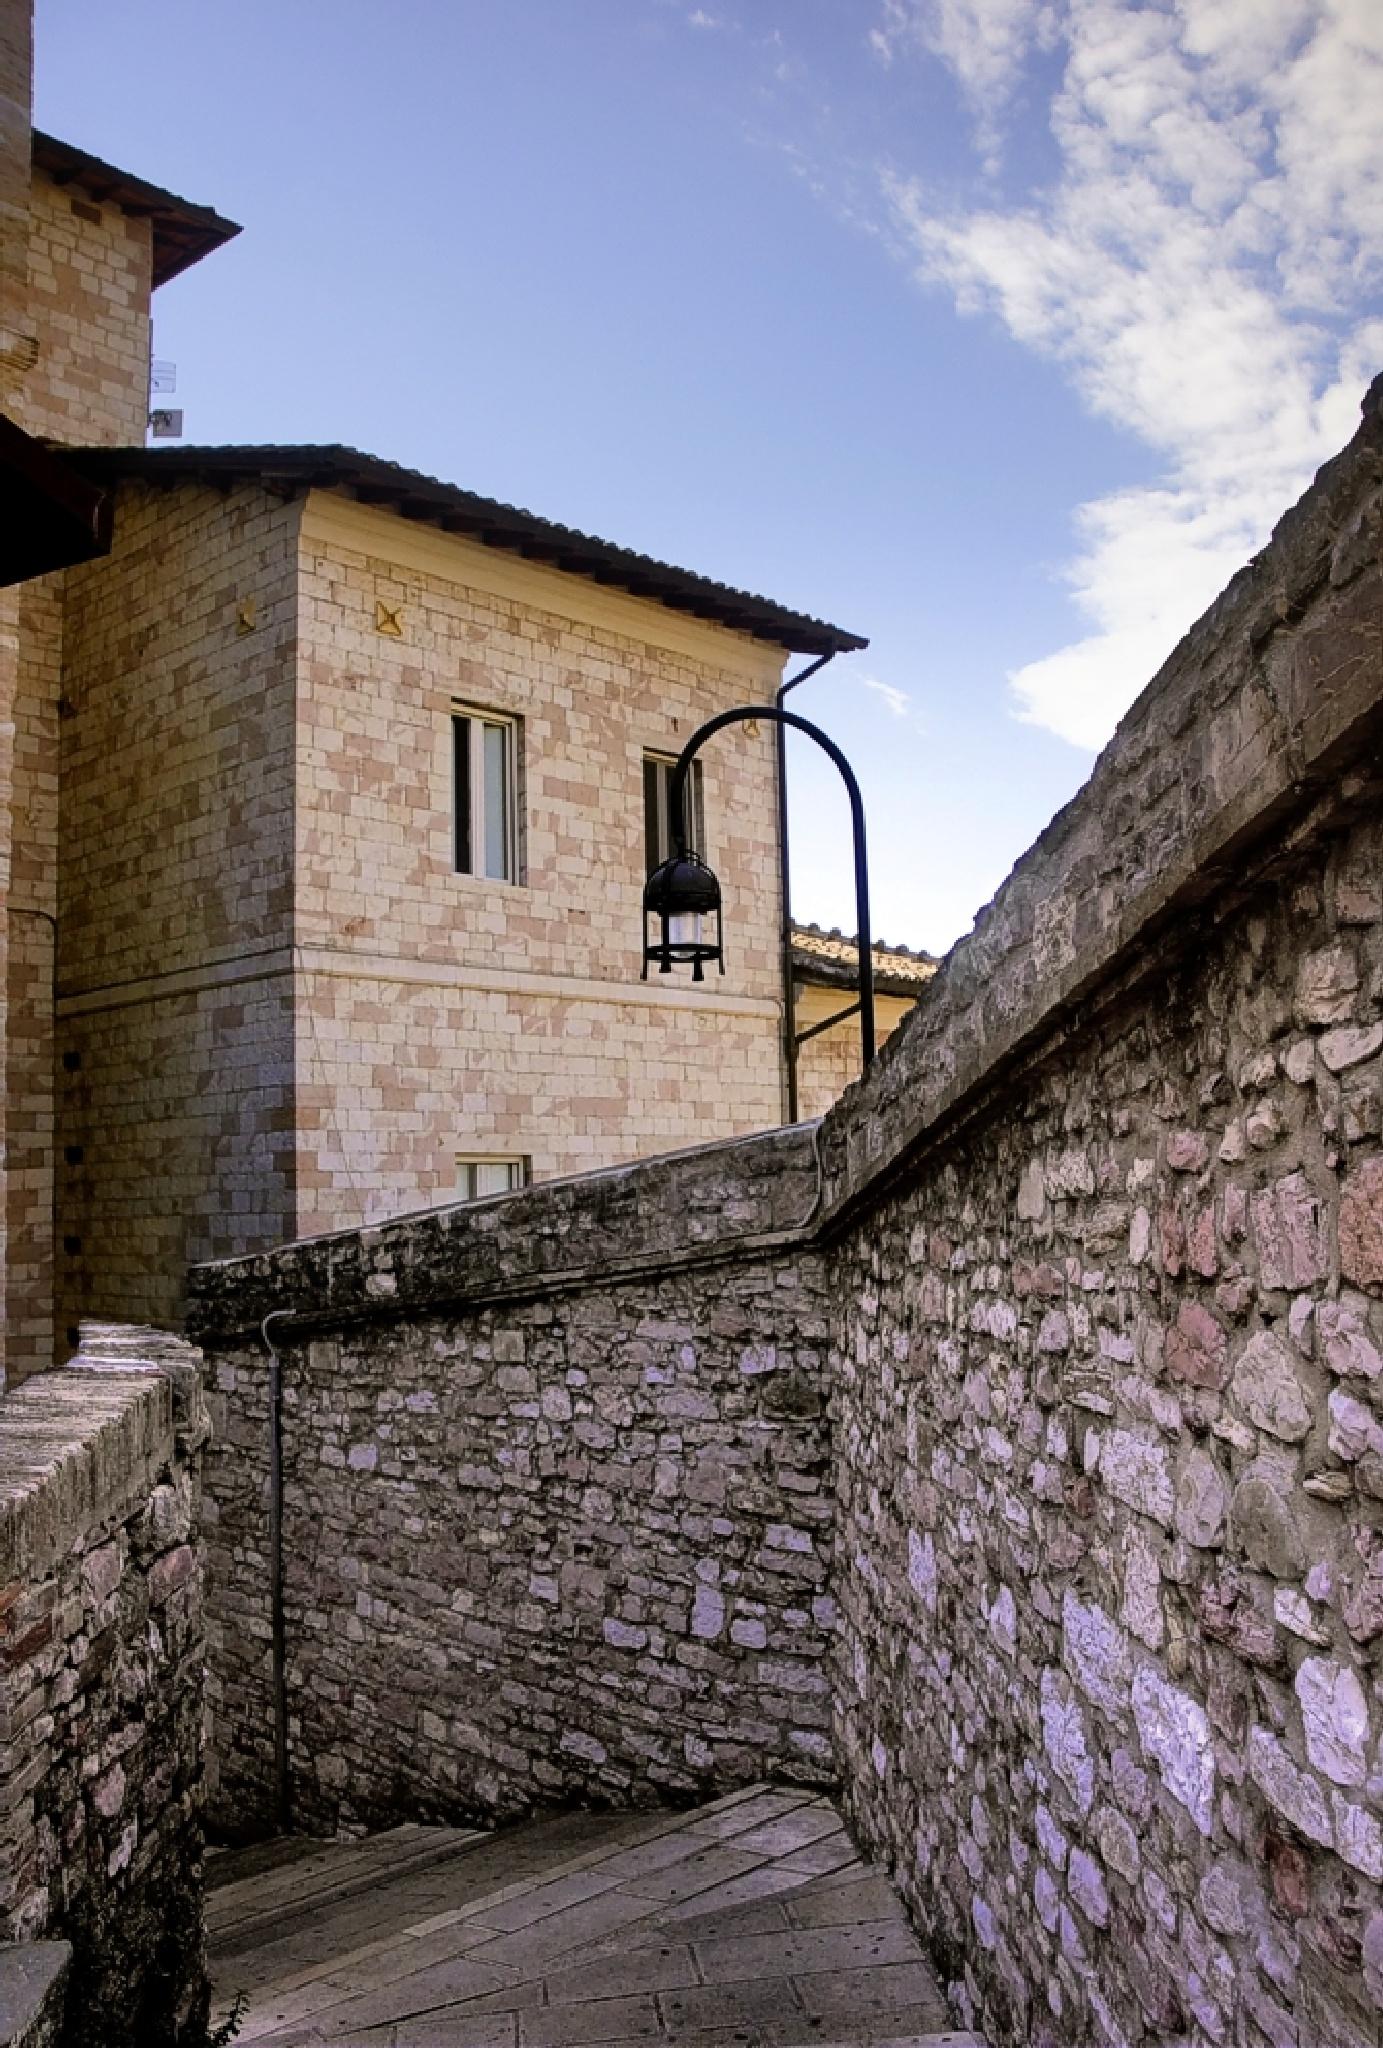 Between walls by Edu Vergara